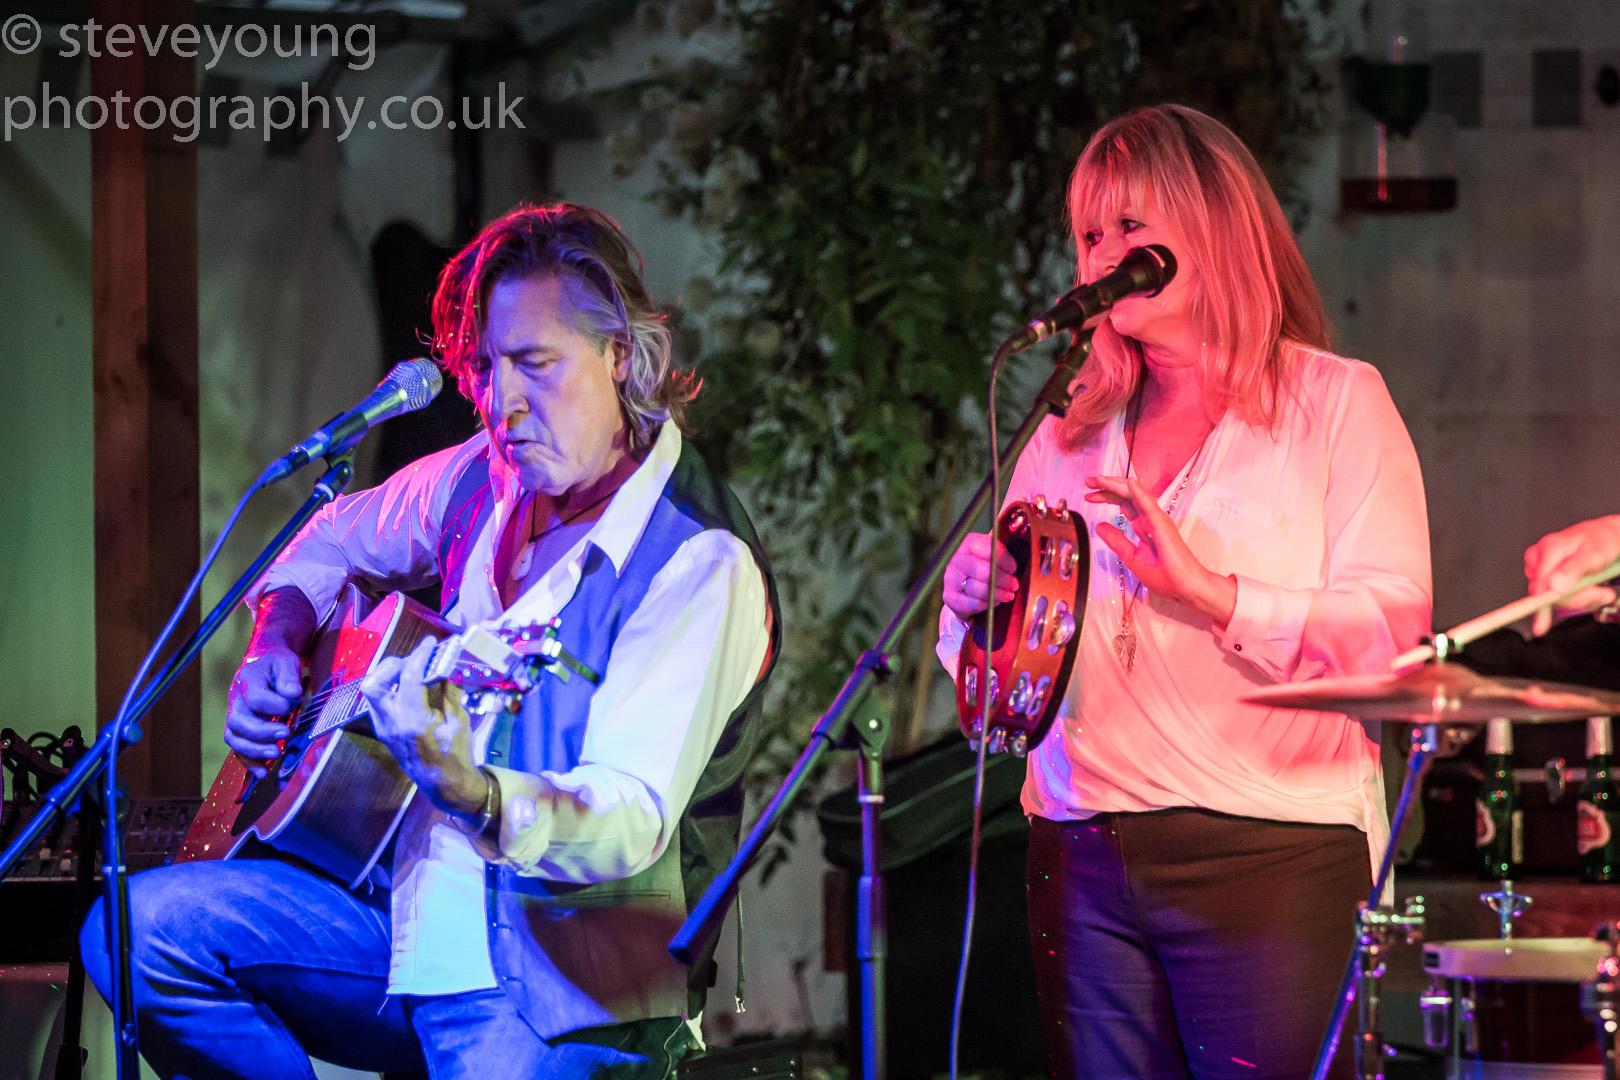 henley festival 2015-158.jpg